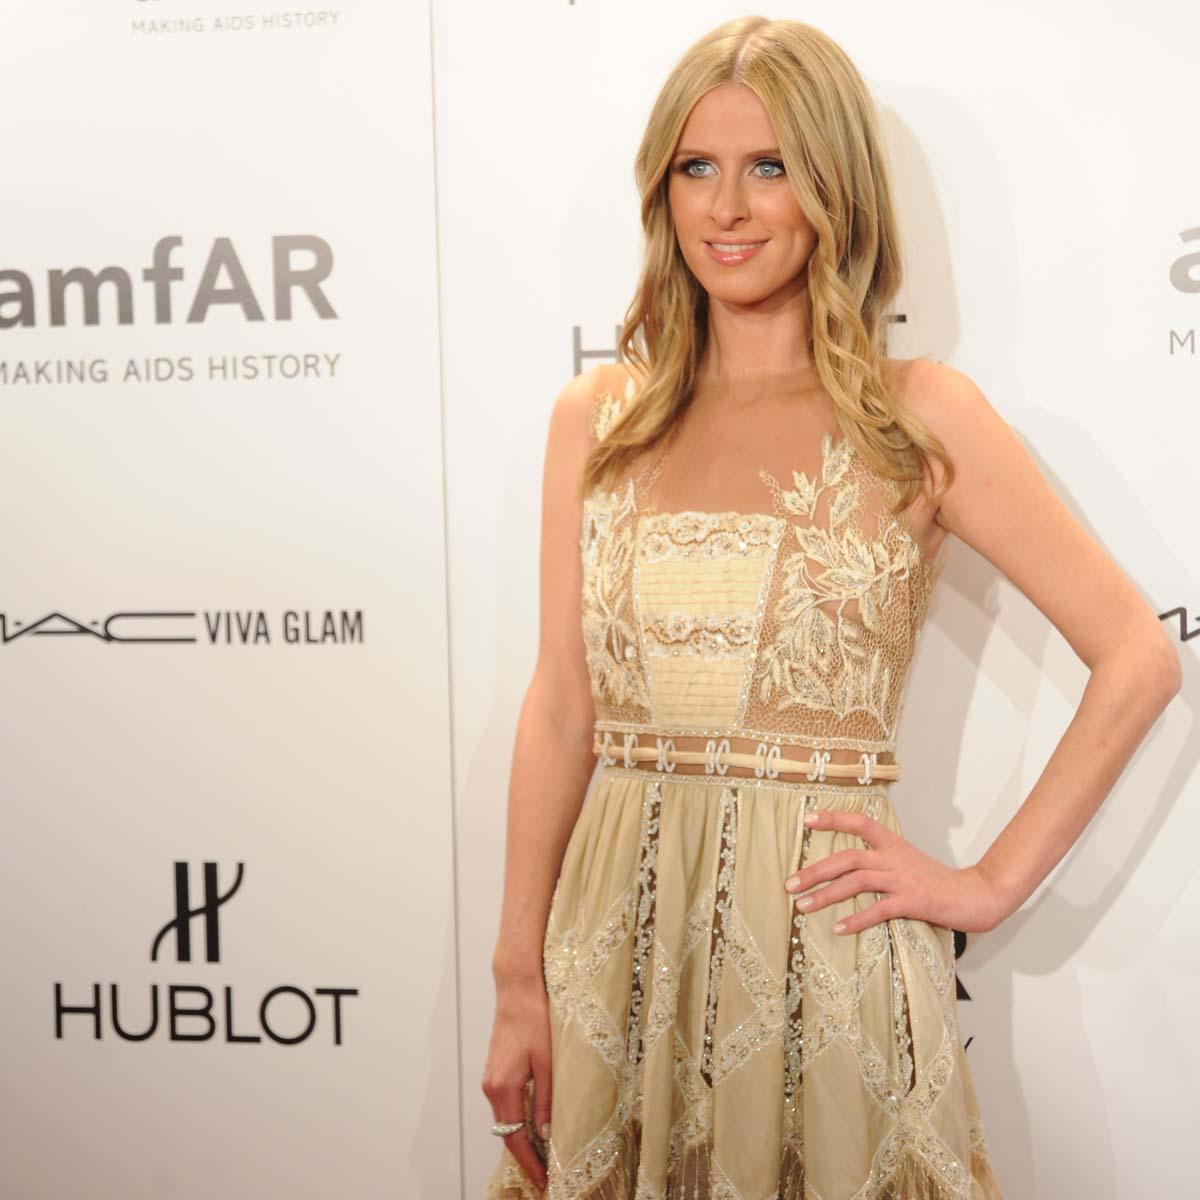 La Cote des Montres : Photo - Hublot soutient le gala de l'amfAR à New York